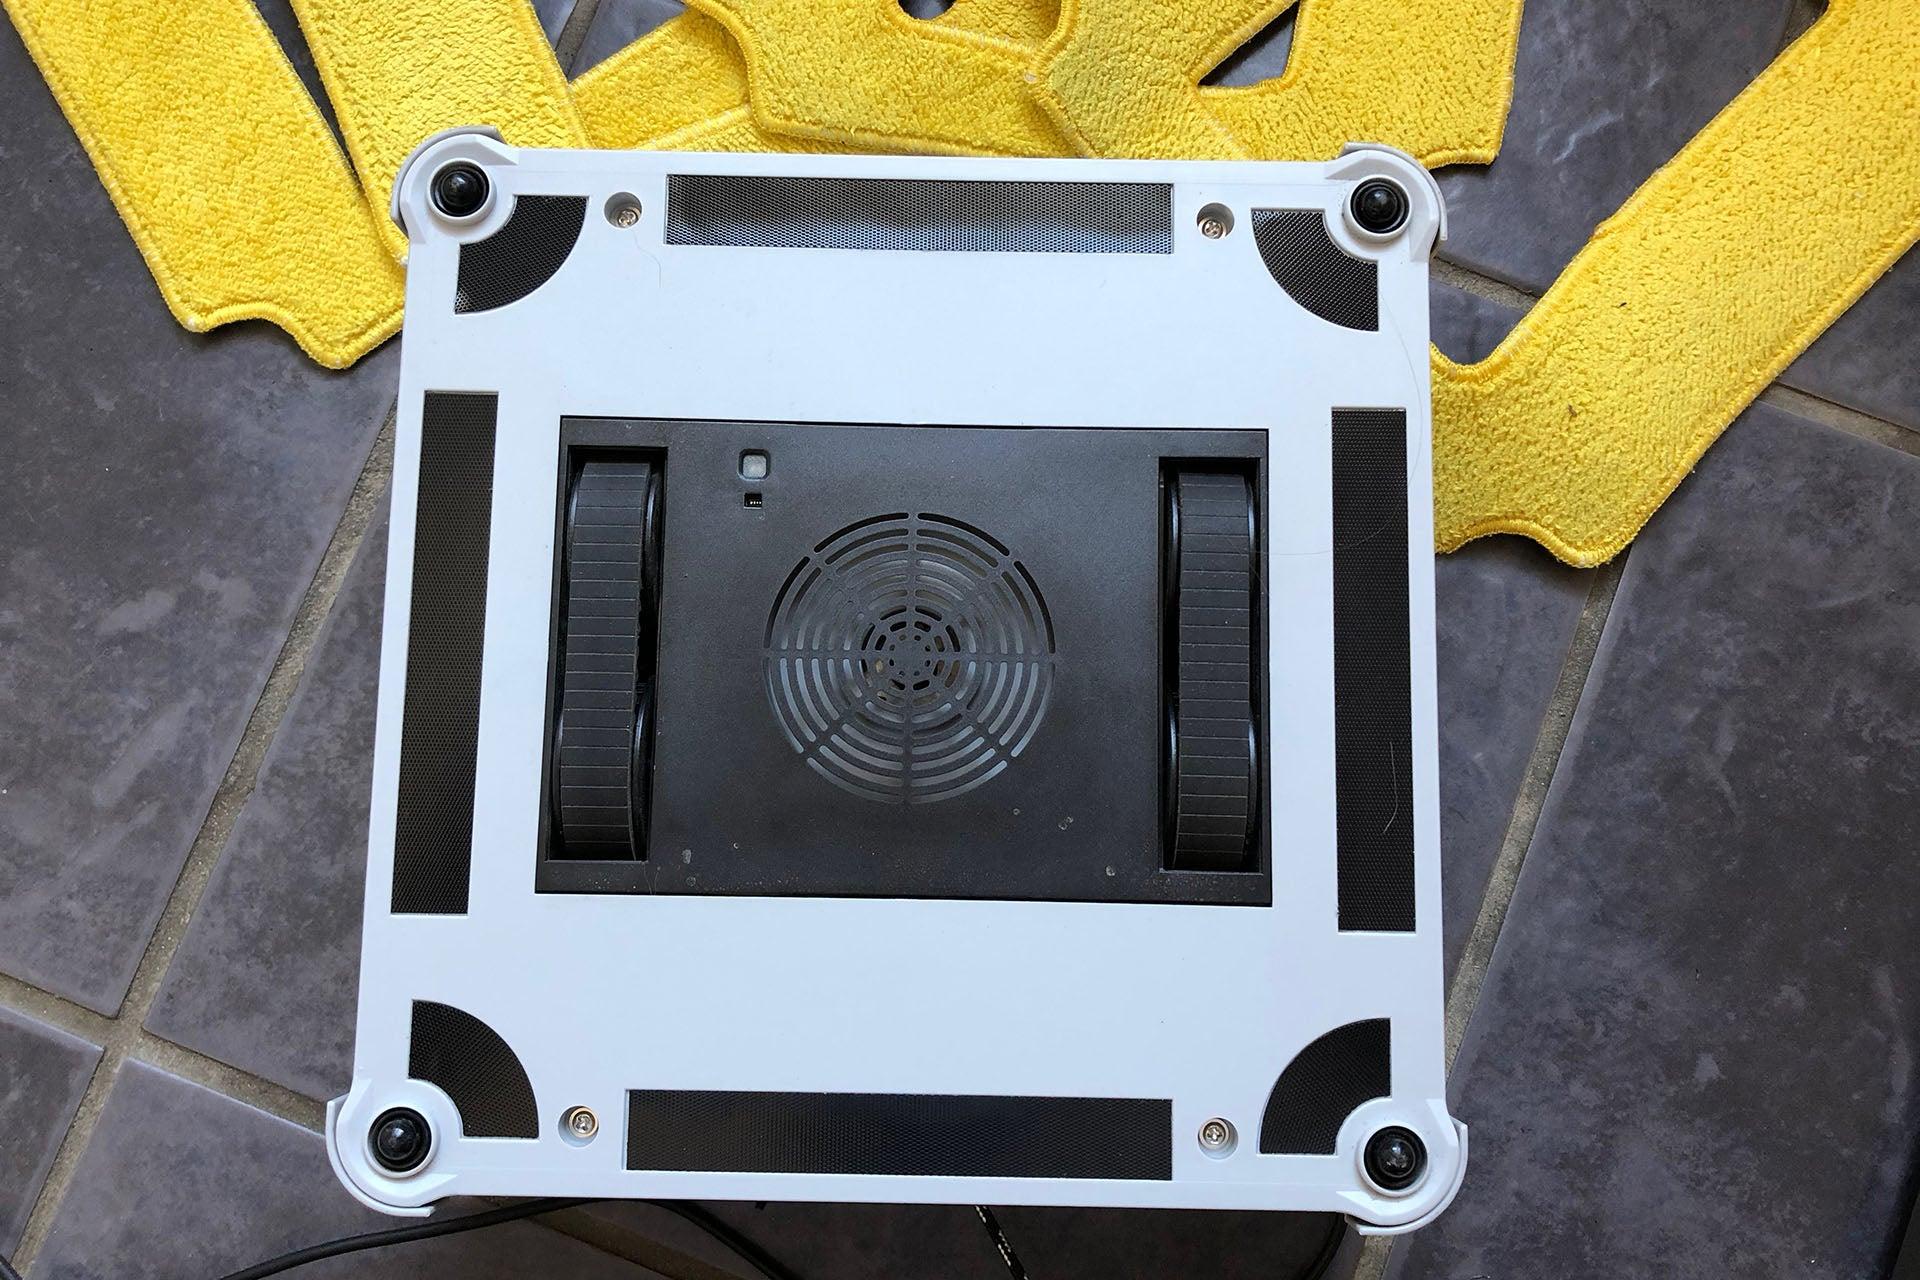 Alfawise WIN660 Robotic Window Cleaner underneath